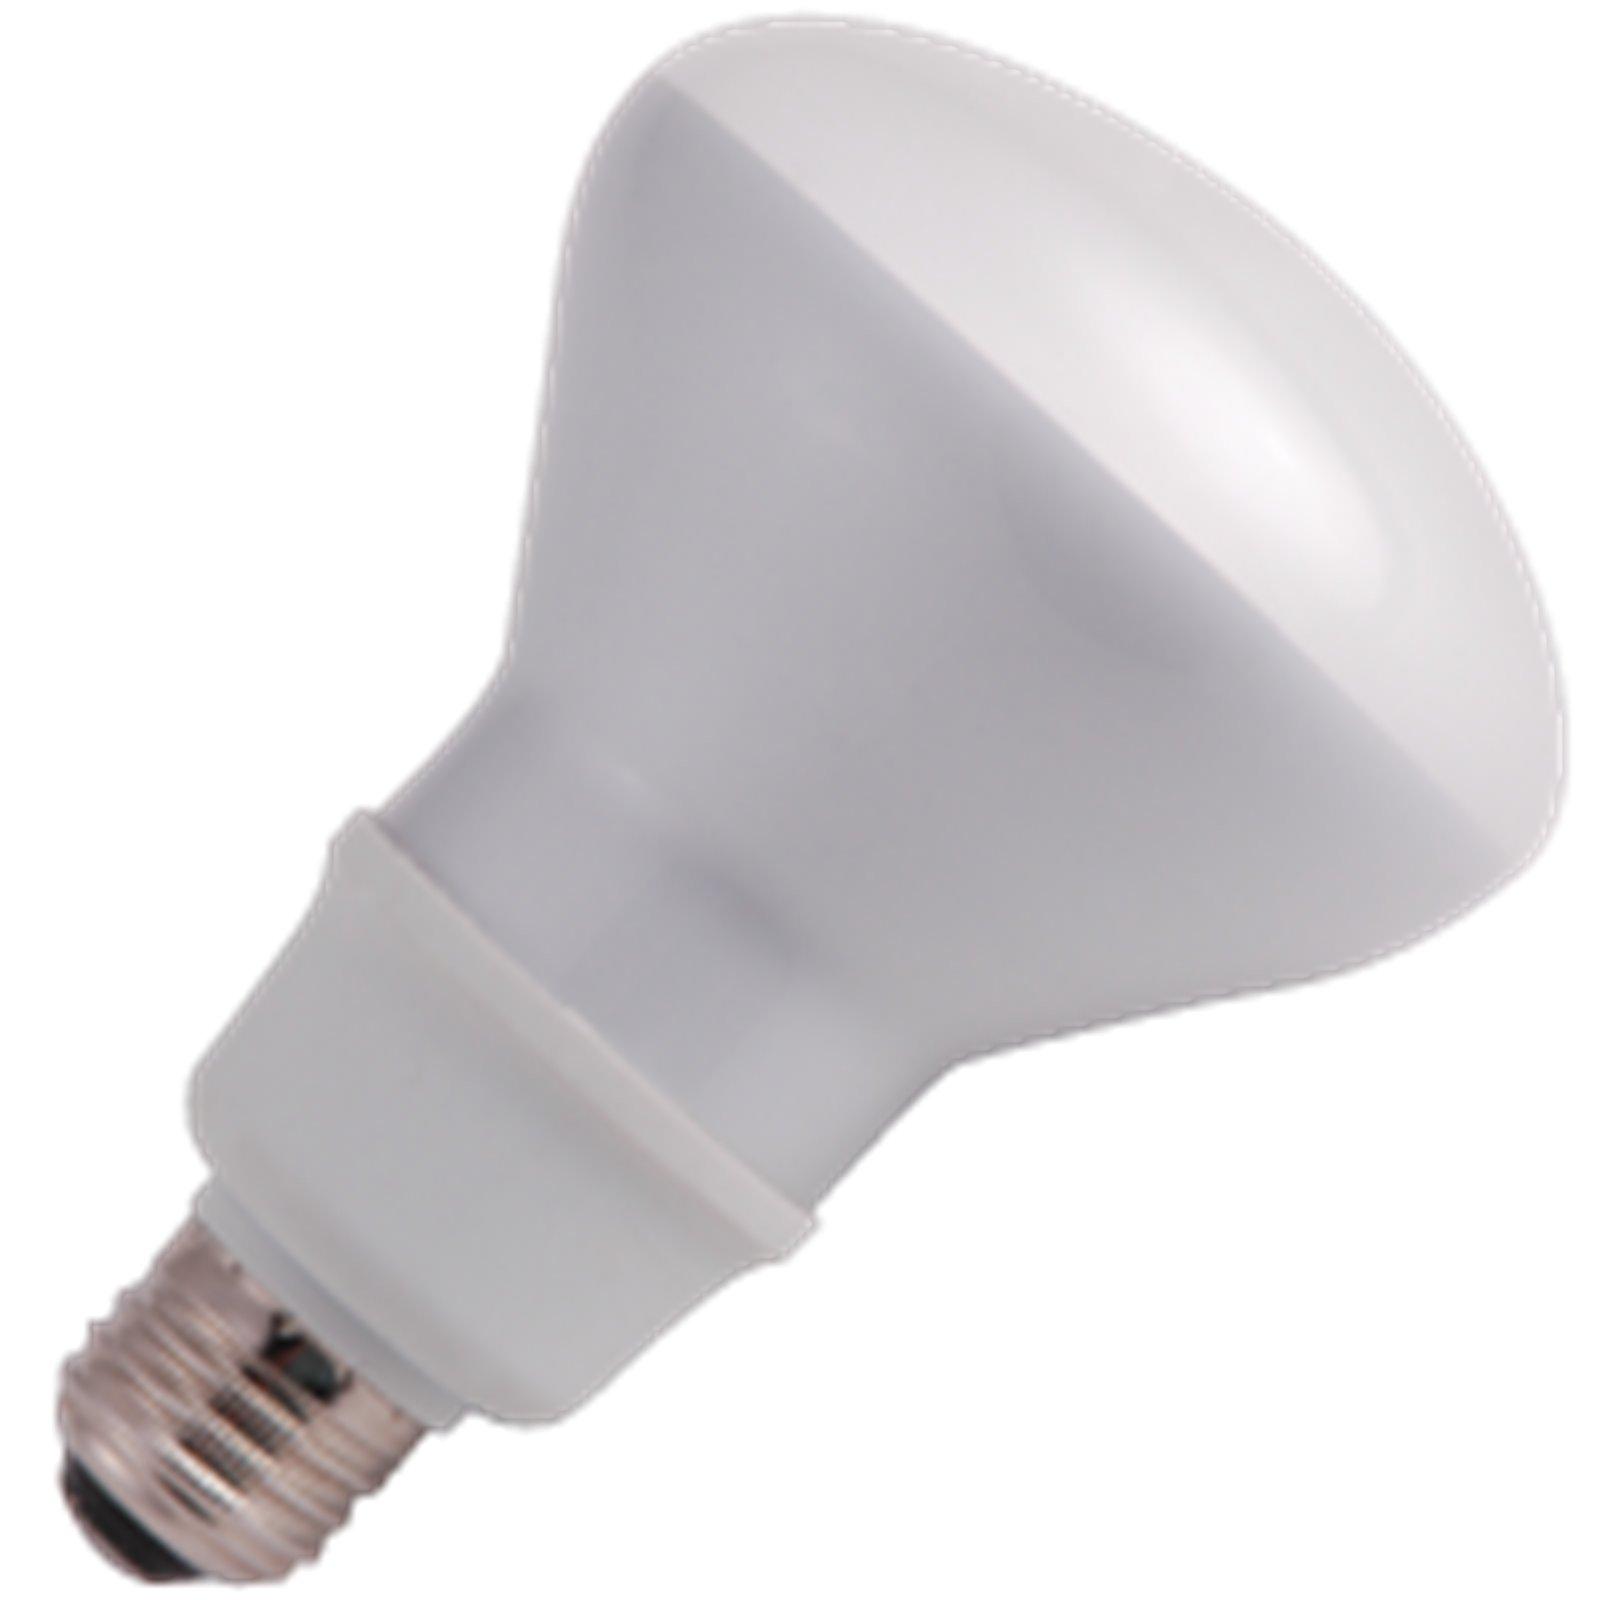 4 Qty. Halco 16W Spiral CFL16/30/R30/ES 16w 16W SPIRAL Lamp Bulb